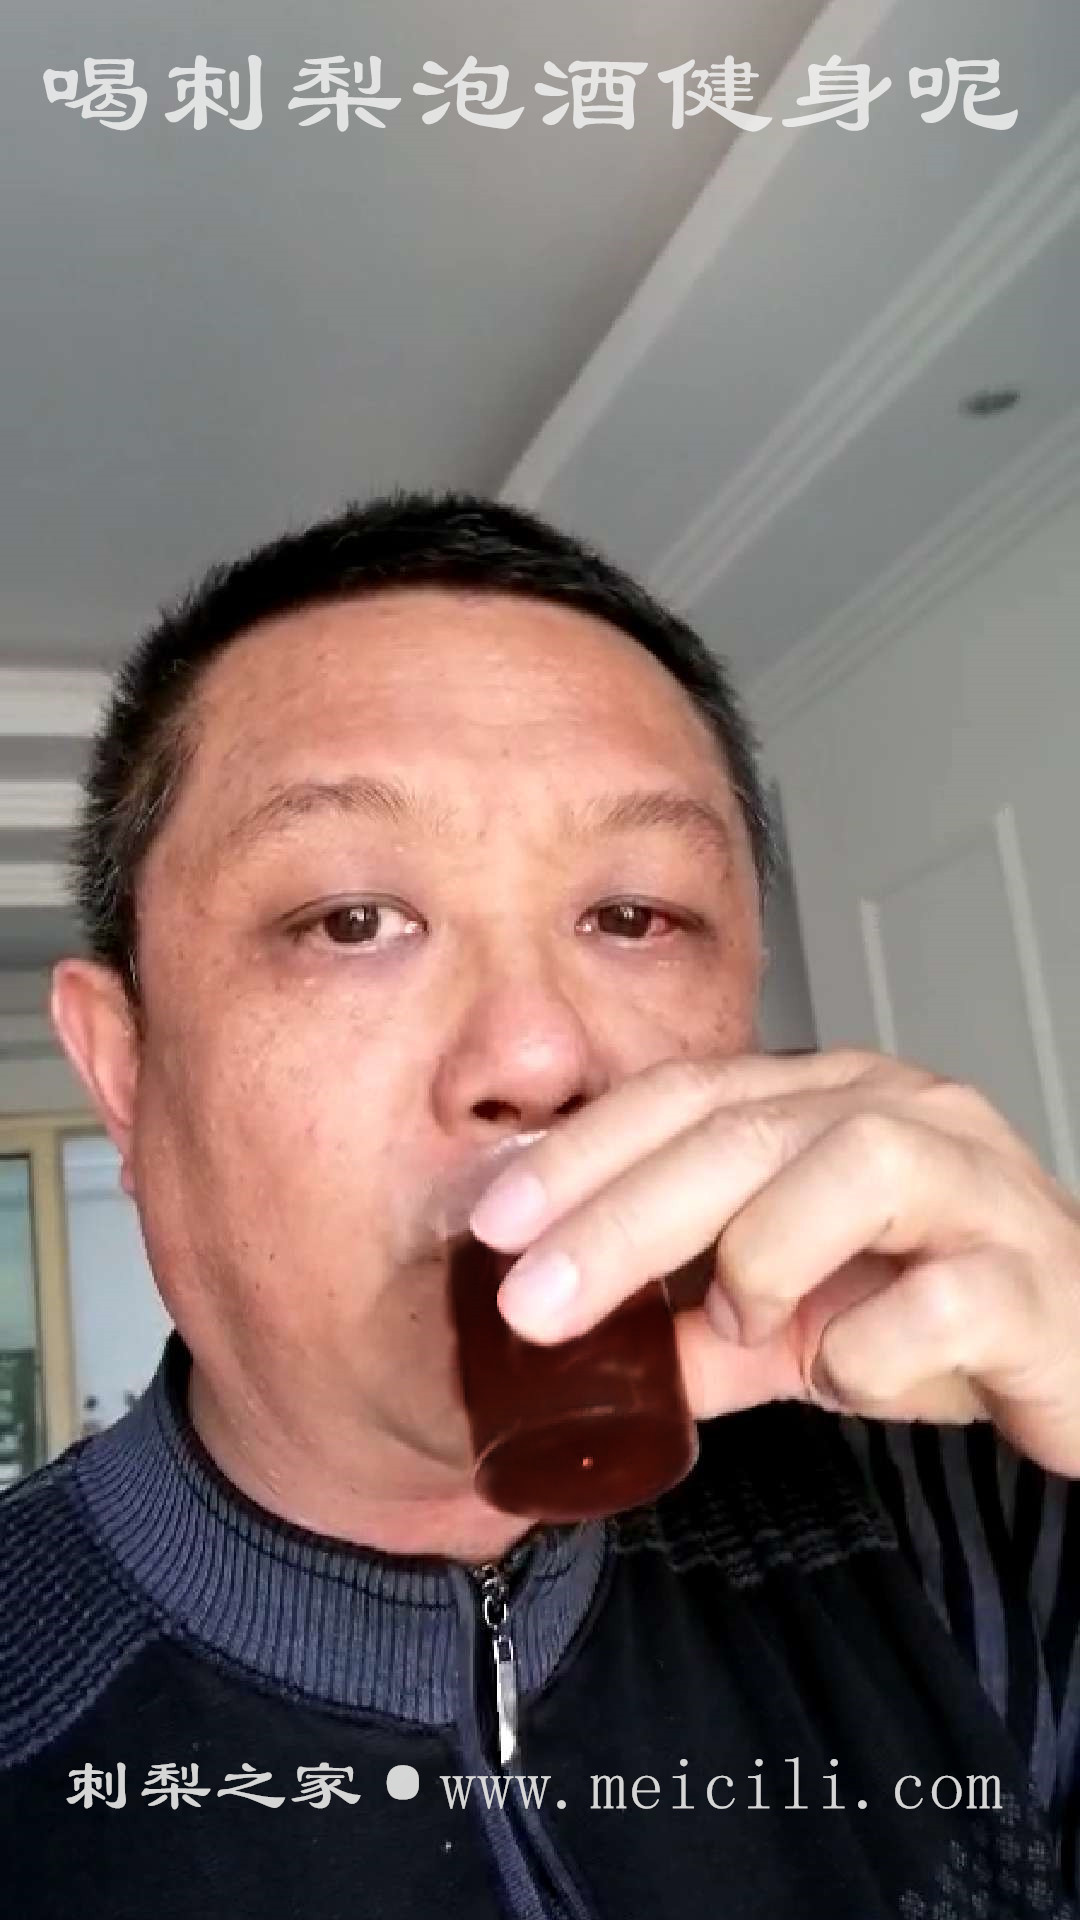 刺梨酒的泡制